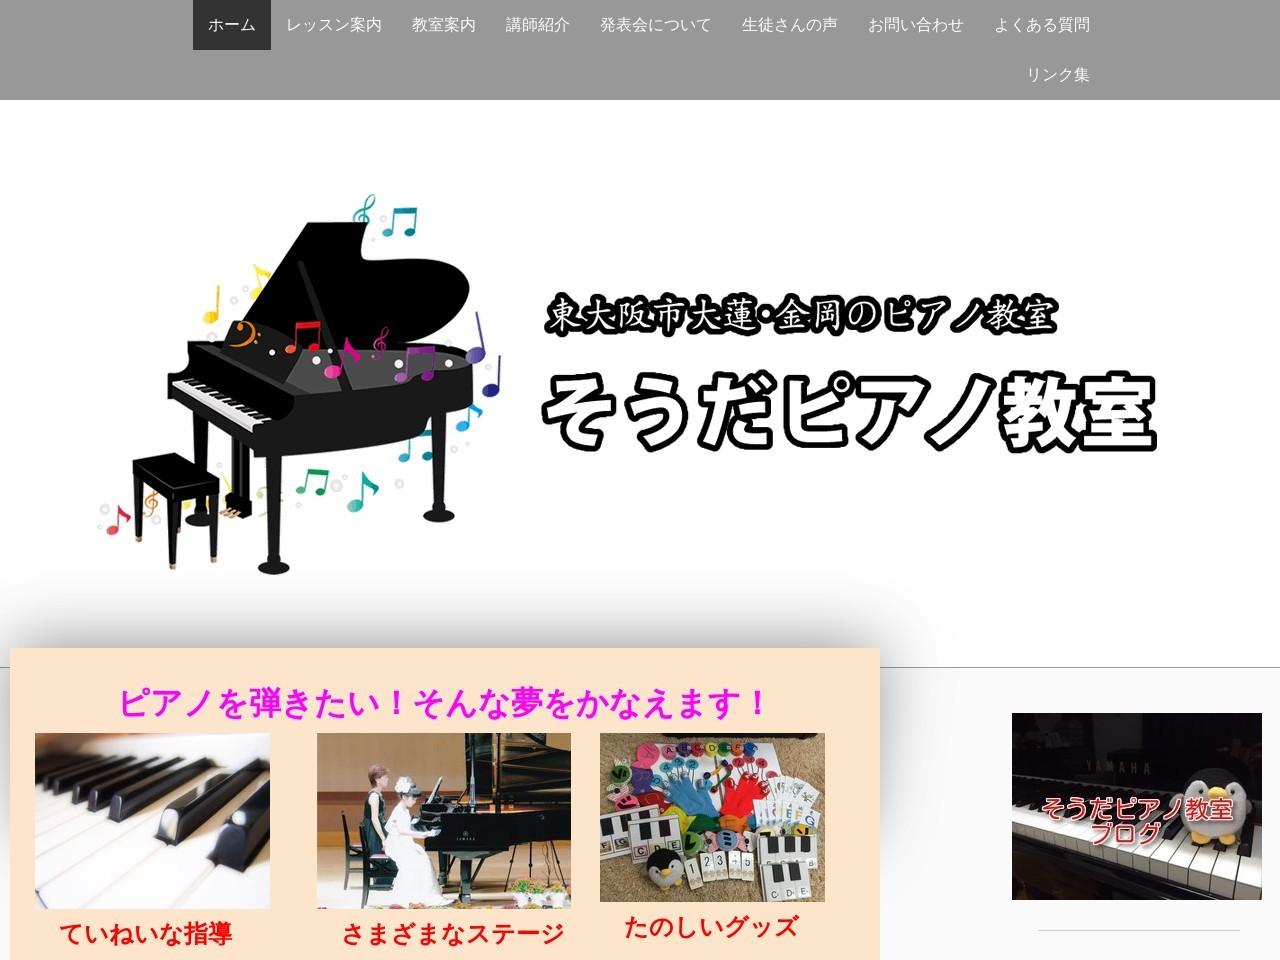 そうだピアノ教室のサムネイル